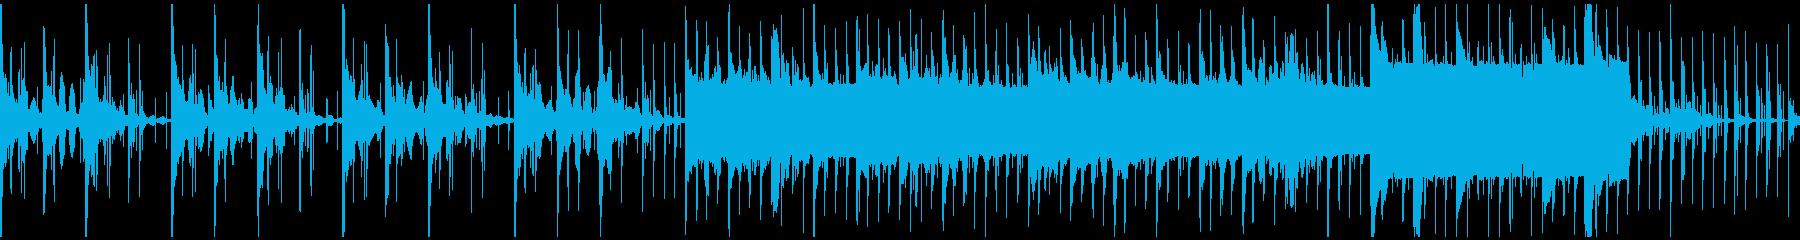 水中にいる様な感覚に電子的なリズムの再生済みの波形